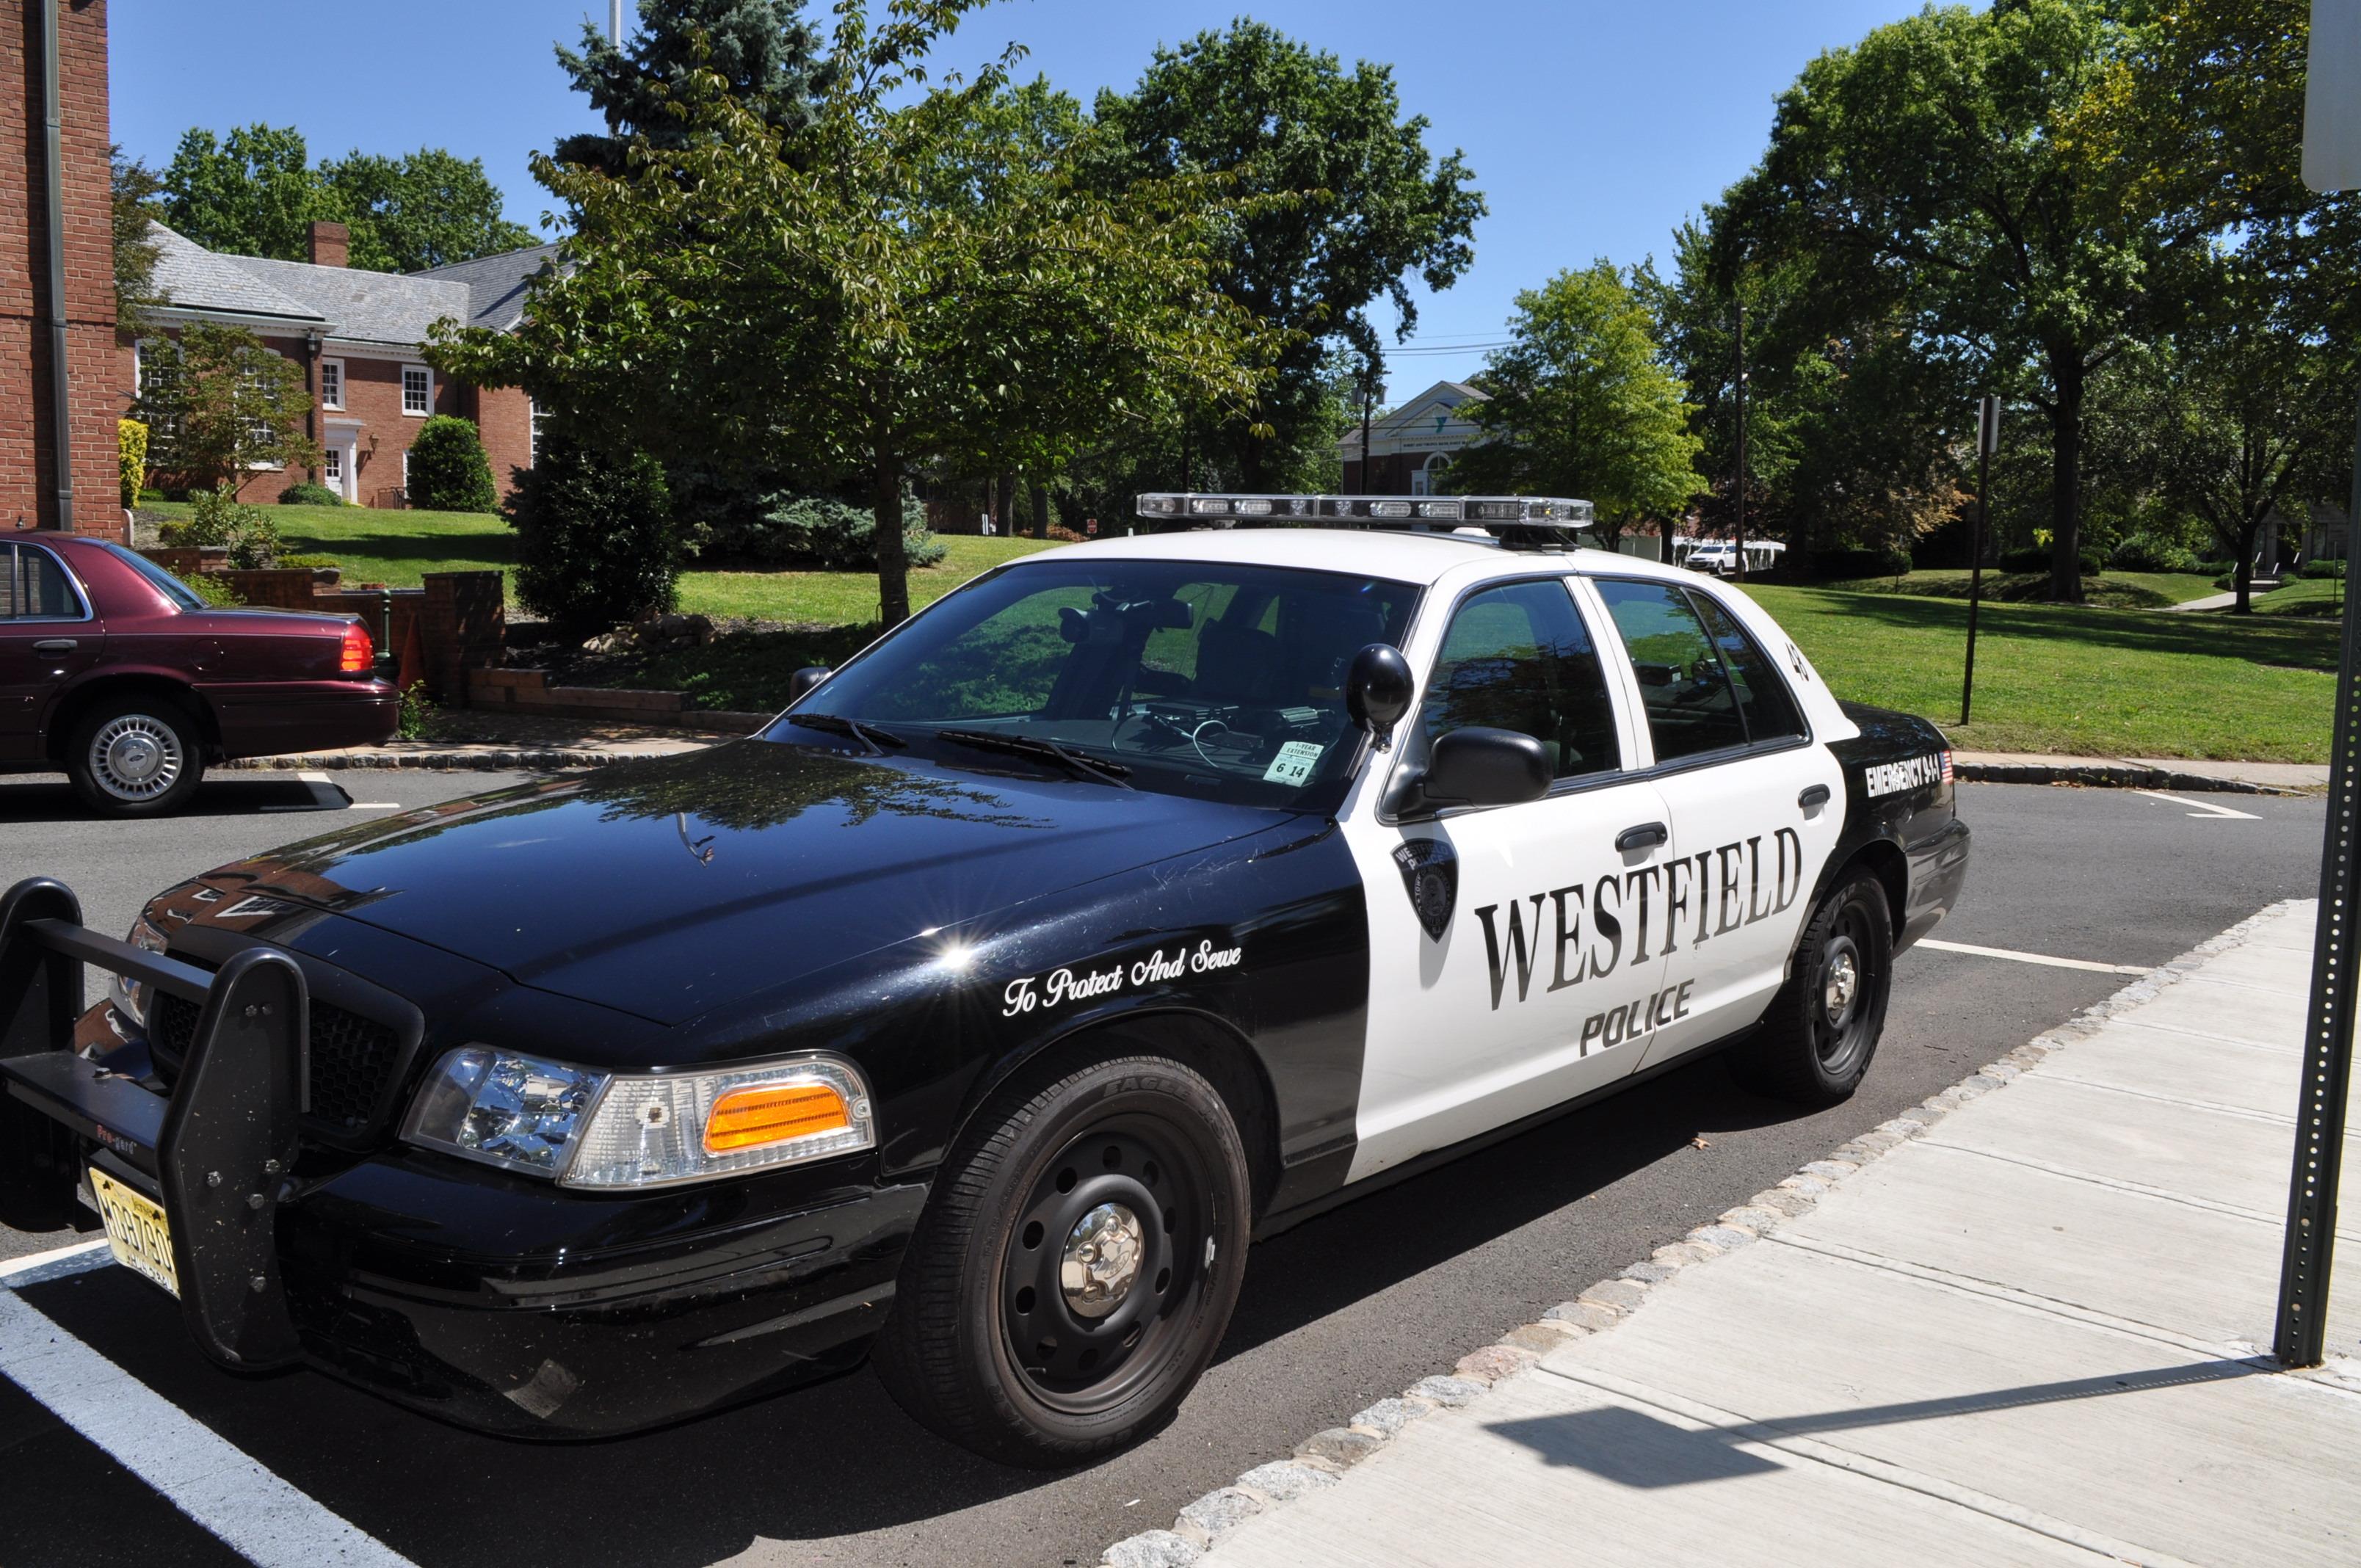 293d57d853048b291879_police_car.JPG